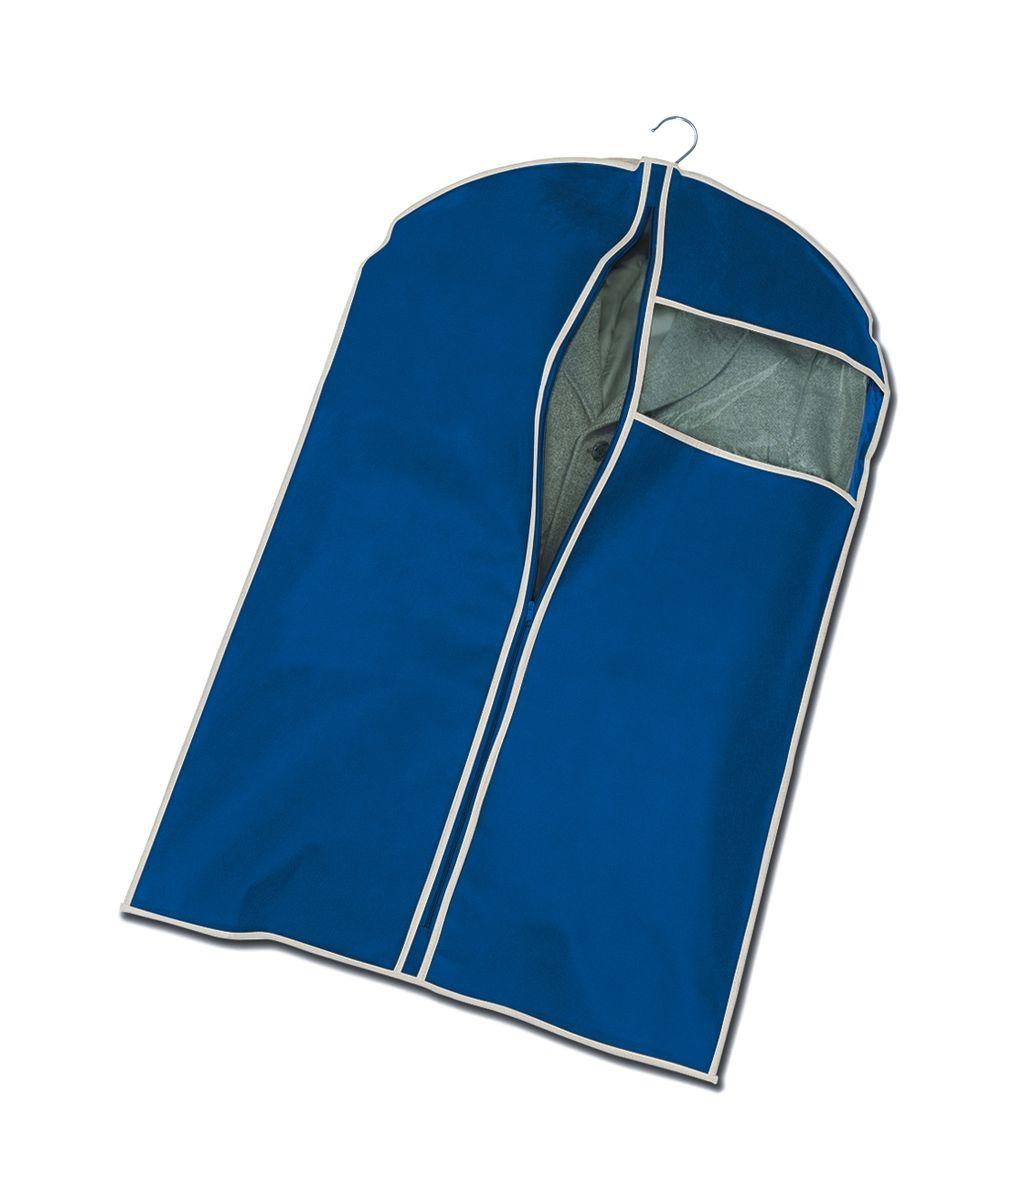 Чехол для пиджака Cosatto, подвесной, цвет: синий, 100 х 60 смCOVLCAT020Подвесной чехол для пиджака Cosatto изготовлен из высококачественного полипропилена, который обеспечивает естественную вентиляцию, позволяя воздуху проникать внутрь, но не пропускает пыль. Чехол очень удобен в использовании, а благодаря его форме, одежда не мнется даже при длительном хранении. Специальная прозрачная вставка позволяет видеть содержимое внутри чехла, не открывая его. Изделие легко открывается и закрывается застежкой-молнией. Чехол для пиджака будет очень полезен при транспортировке вещей на близкие и дальние расстояния, при длительном хранении сезонной одежды, а также при ежедневном хранении вещей из деликатных тканей.